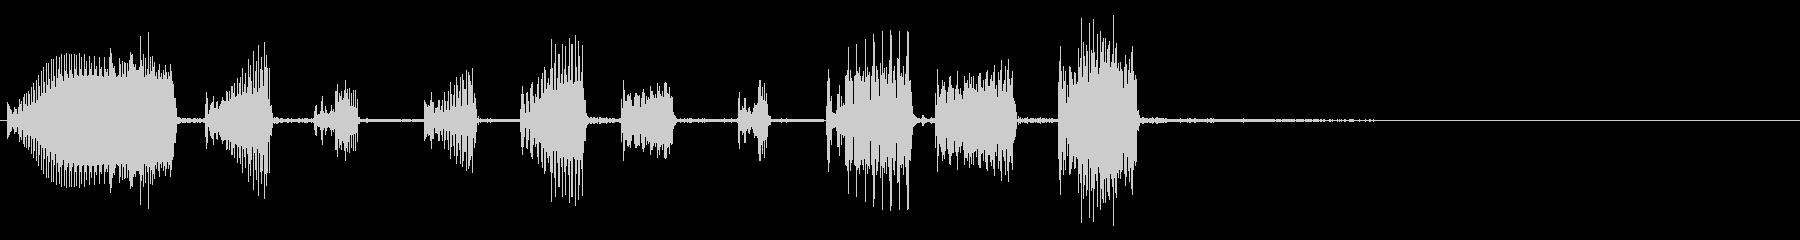 アコーデオン:ショートスタッカート...の未再生の波形